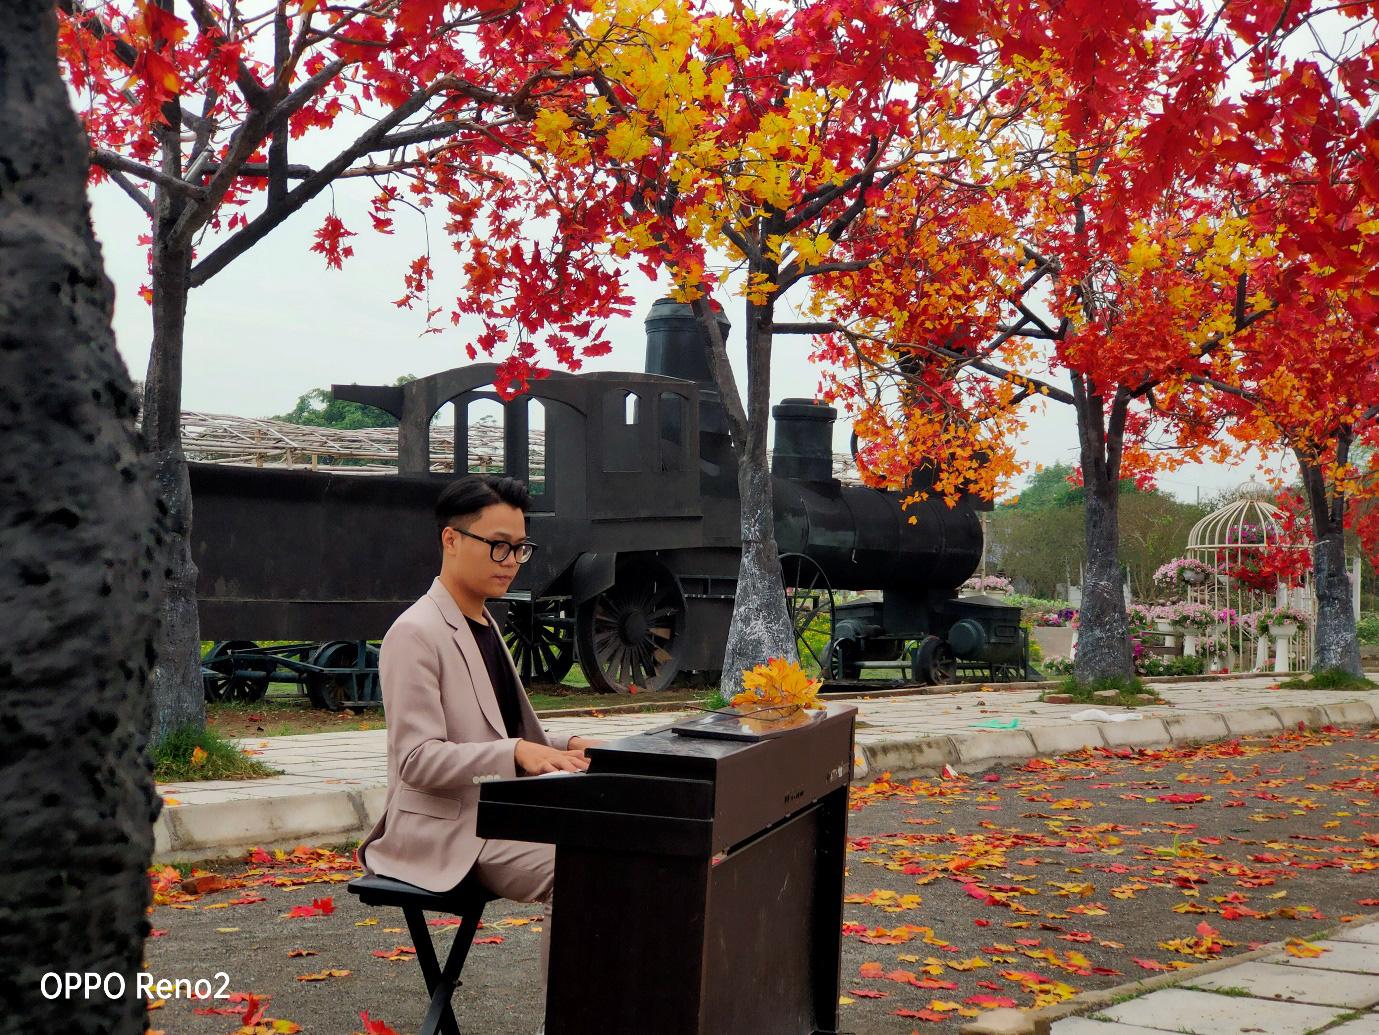 Đi Nhật, Hàn làm gì cho xa khi ở Hà Nội cũng có cảnh lá vàng đẹp đến nao lòng - Ảnh 2.